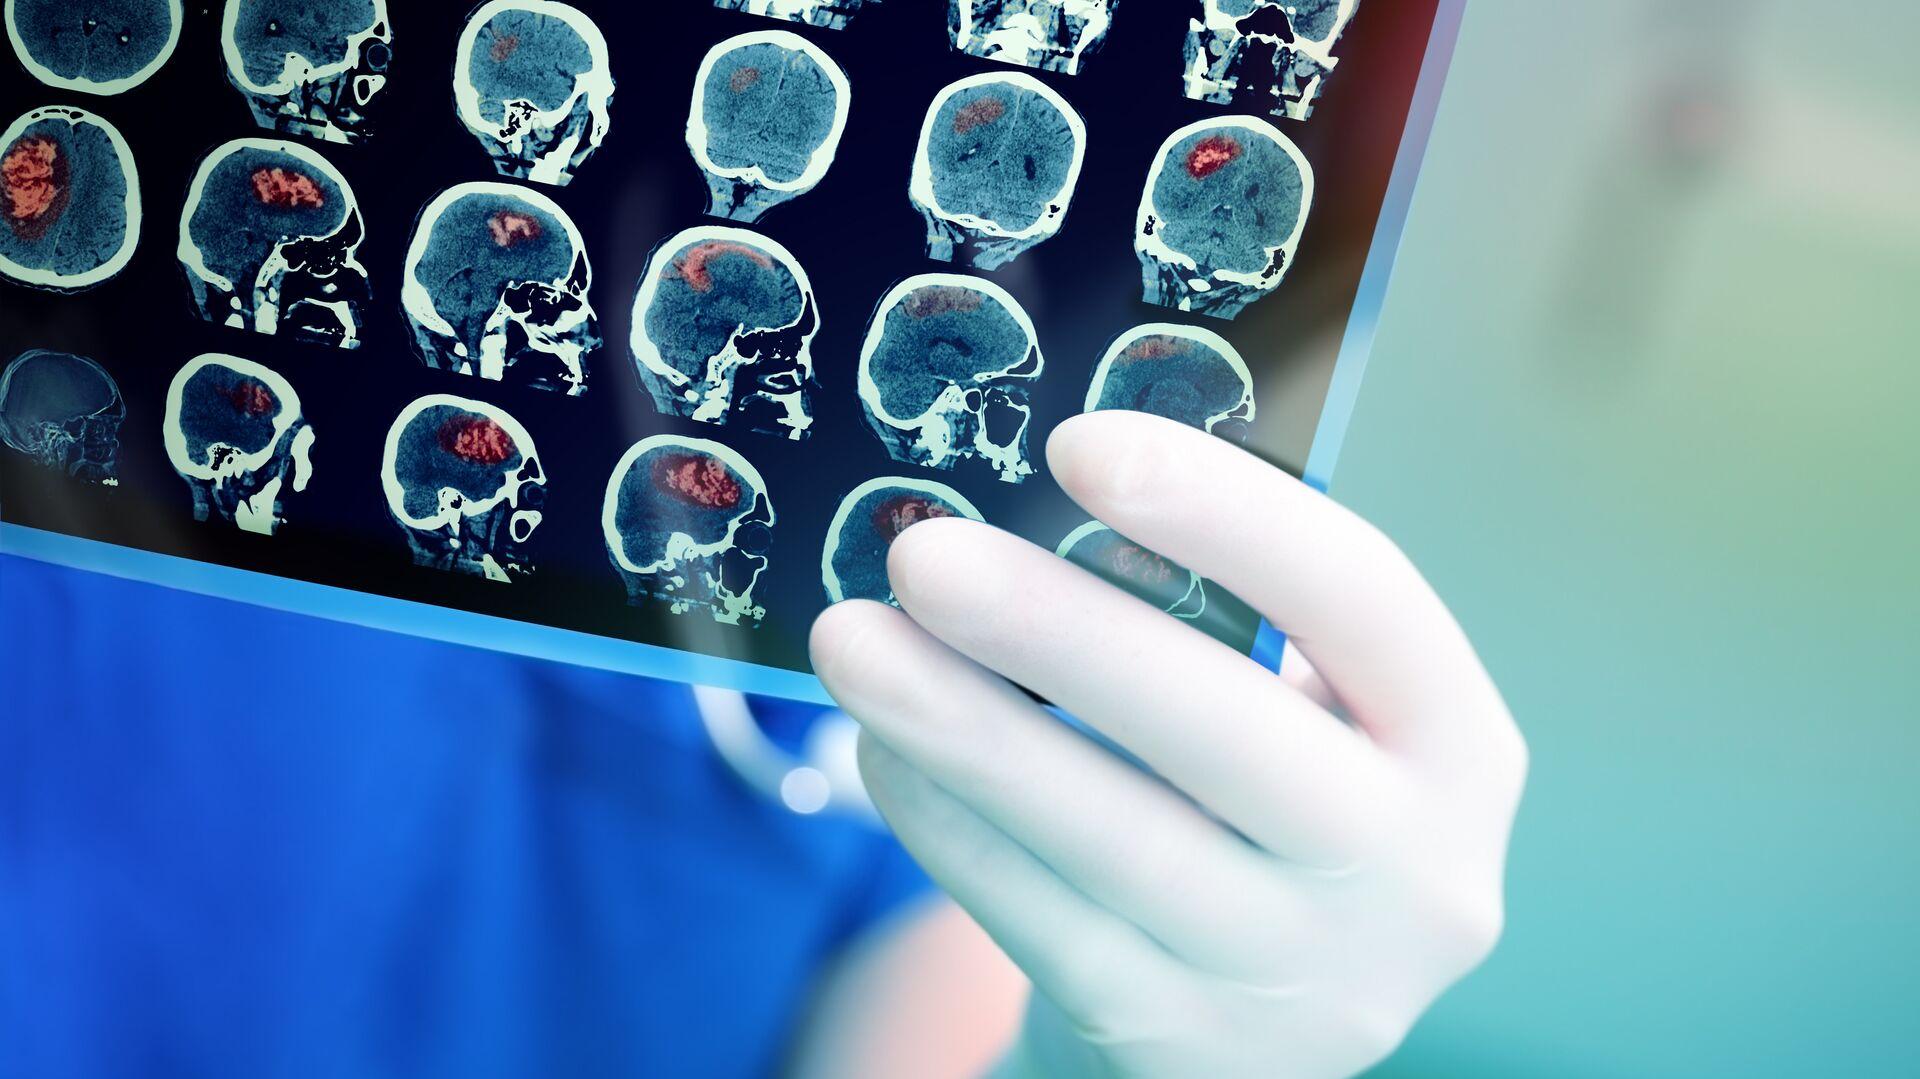 Врач смотрит результаты КТ головного мозга пациента - РИА Новости, 1920, 02.03.2021